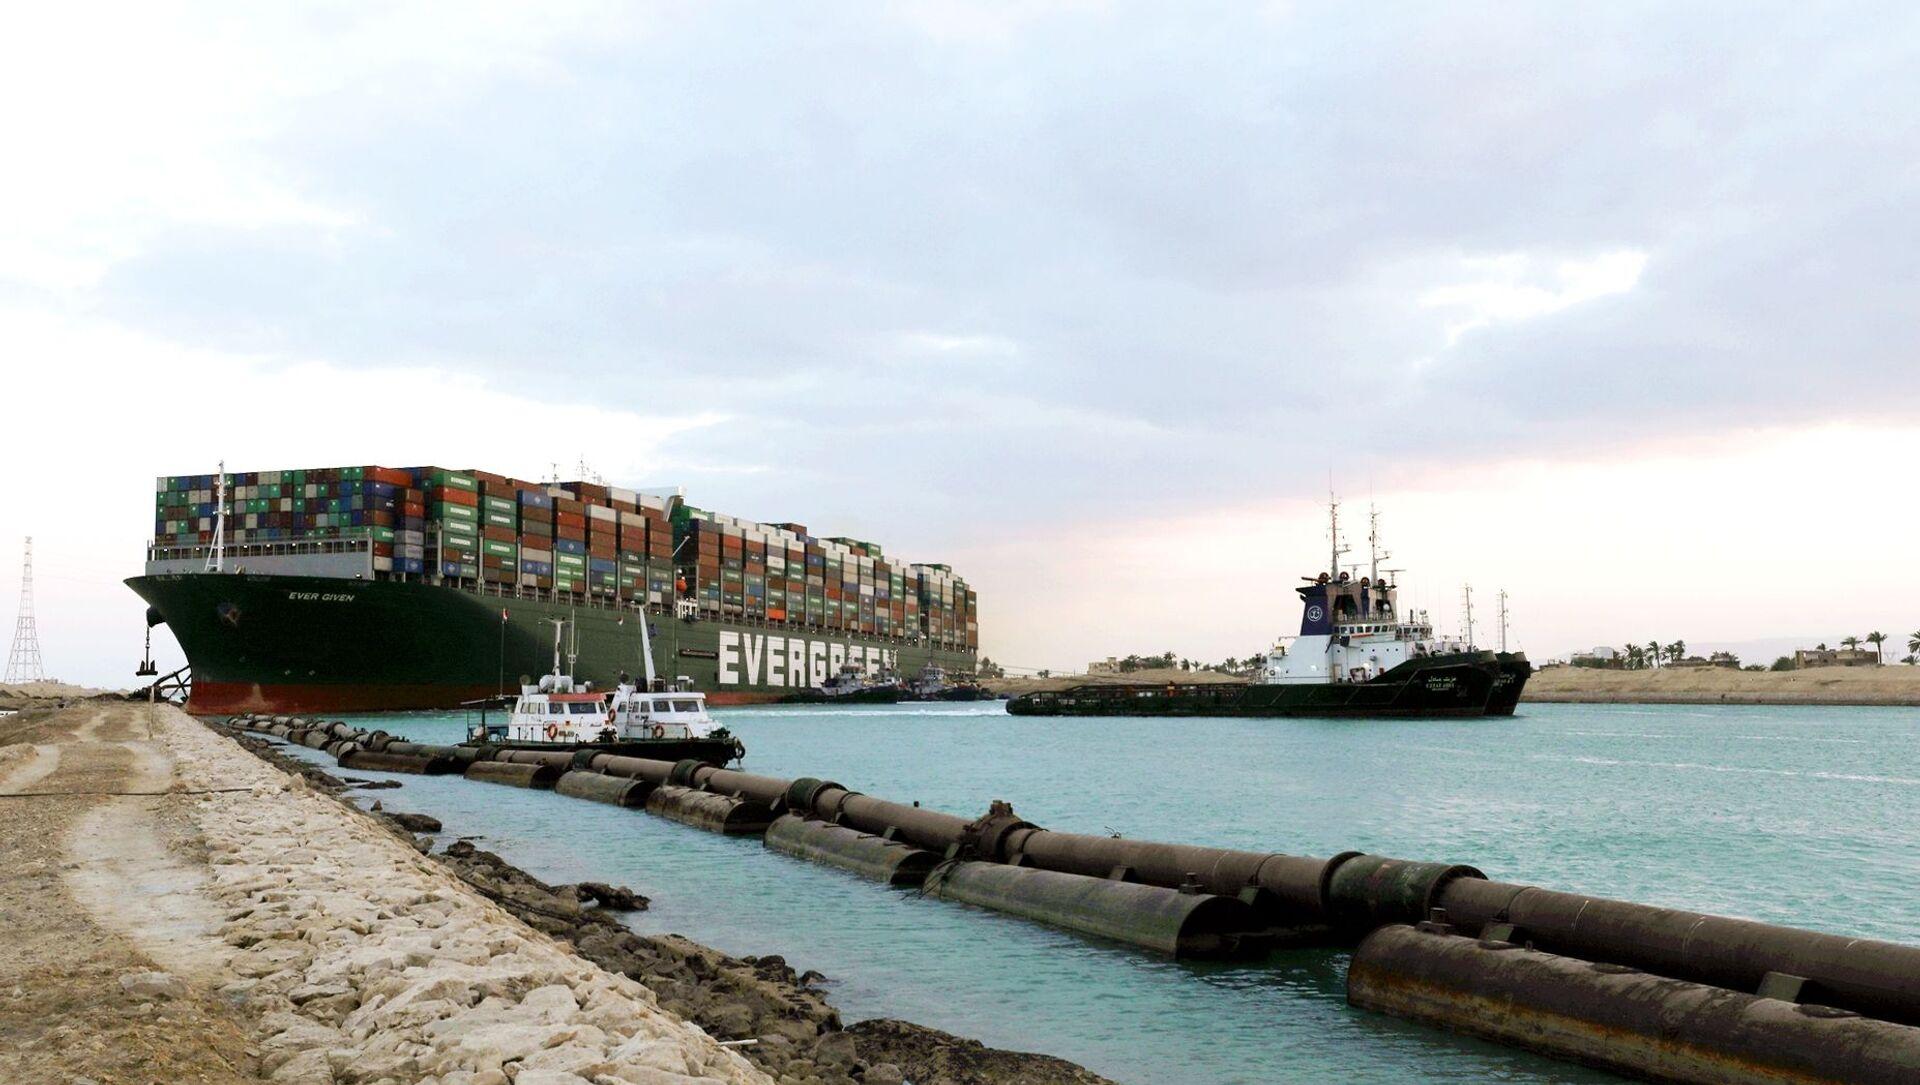 Tàu container Ever Given mắc cạn ở kênh đào Suez - Sputnik Việt Nam, 1920, 01.04.2021